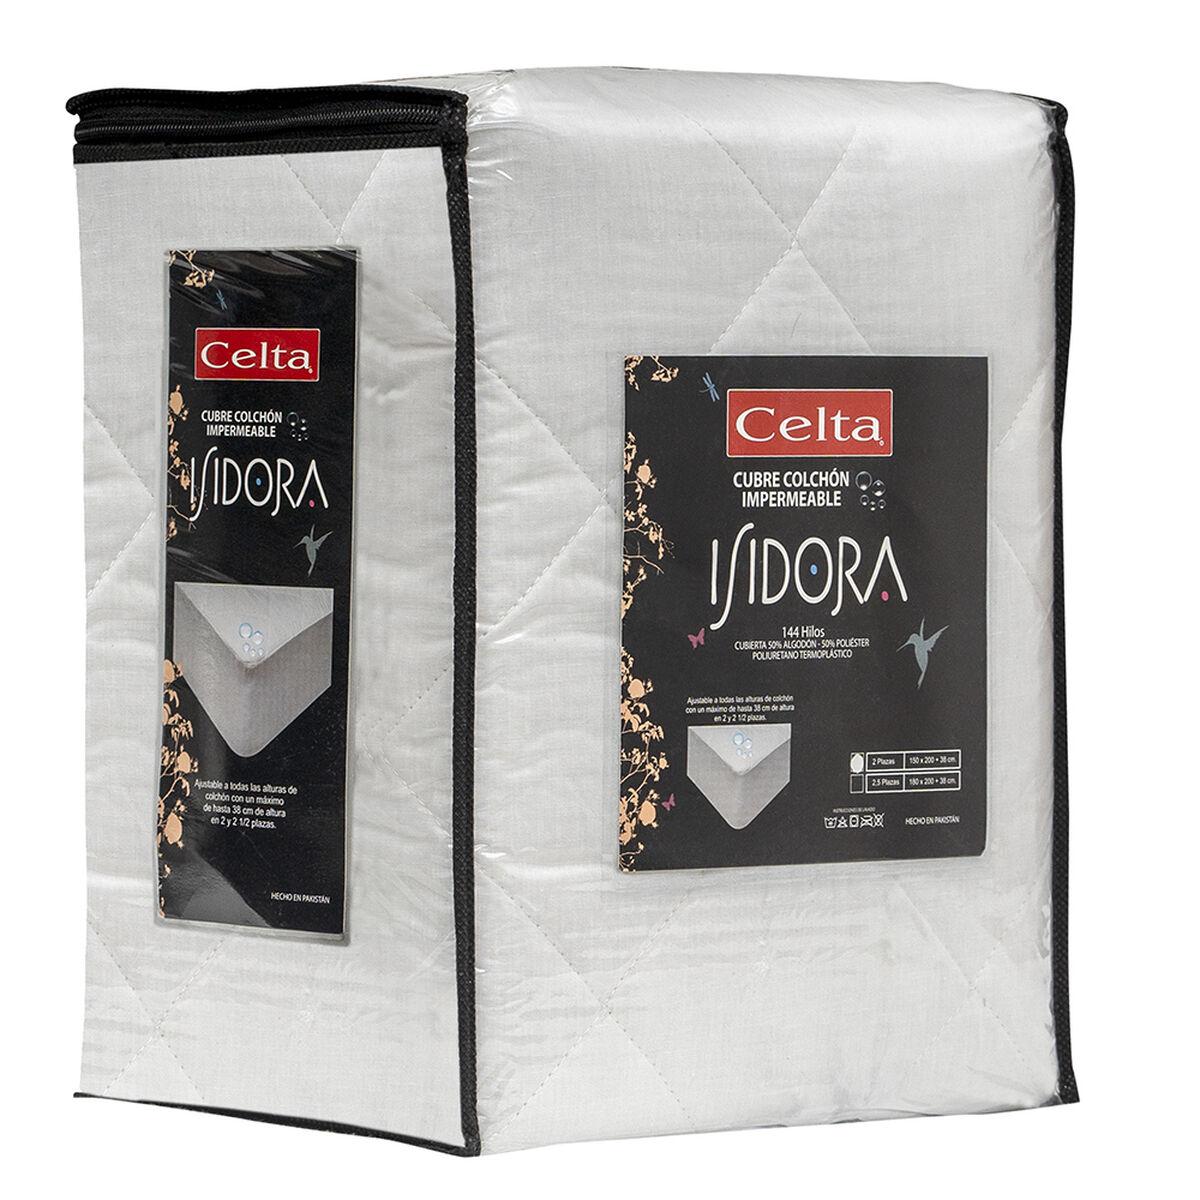 Cubre Colchón Celta Impermeable 2 plazas